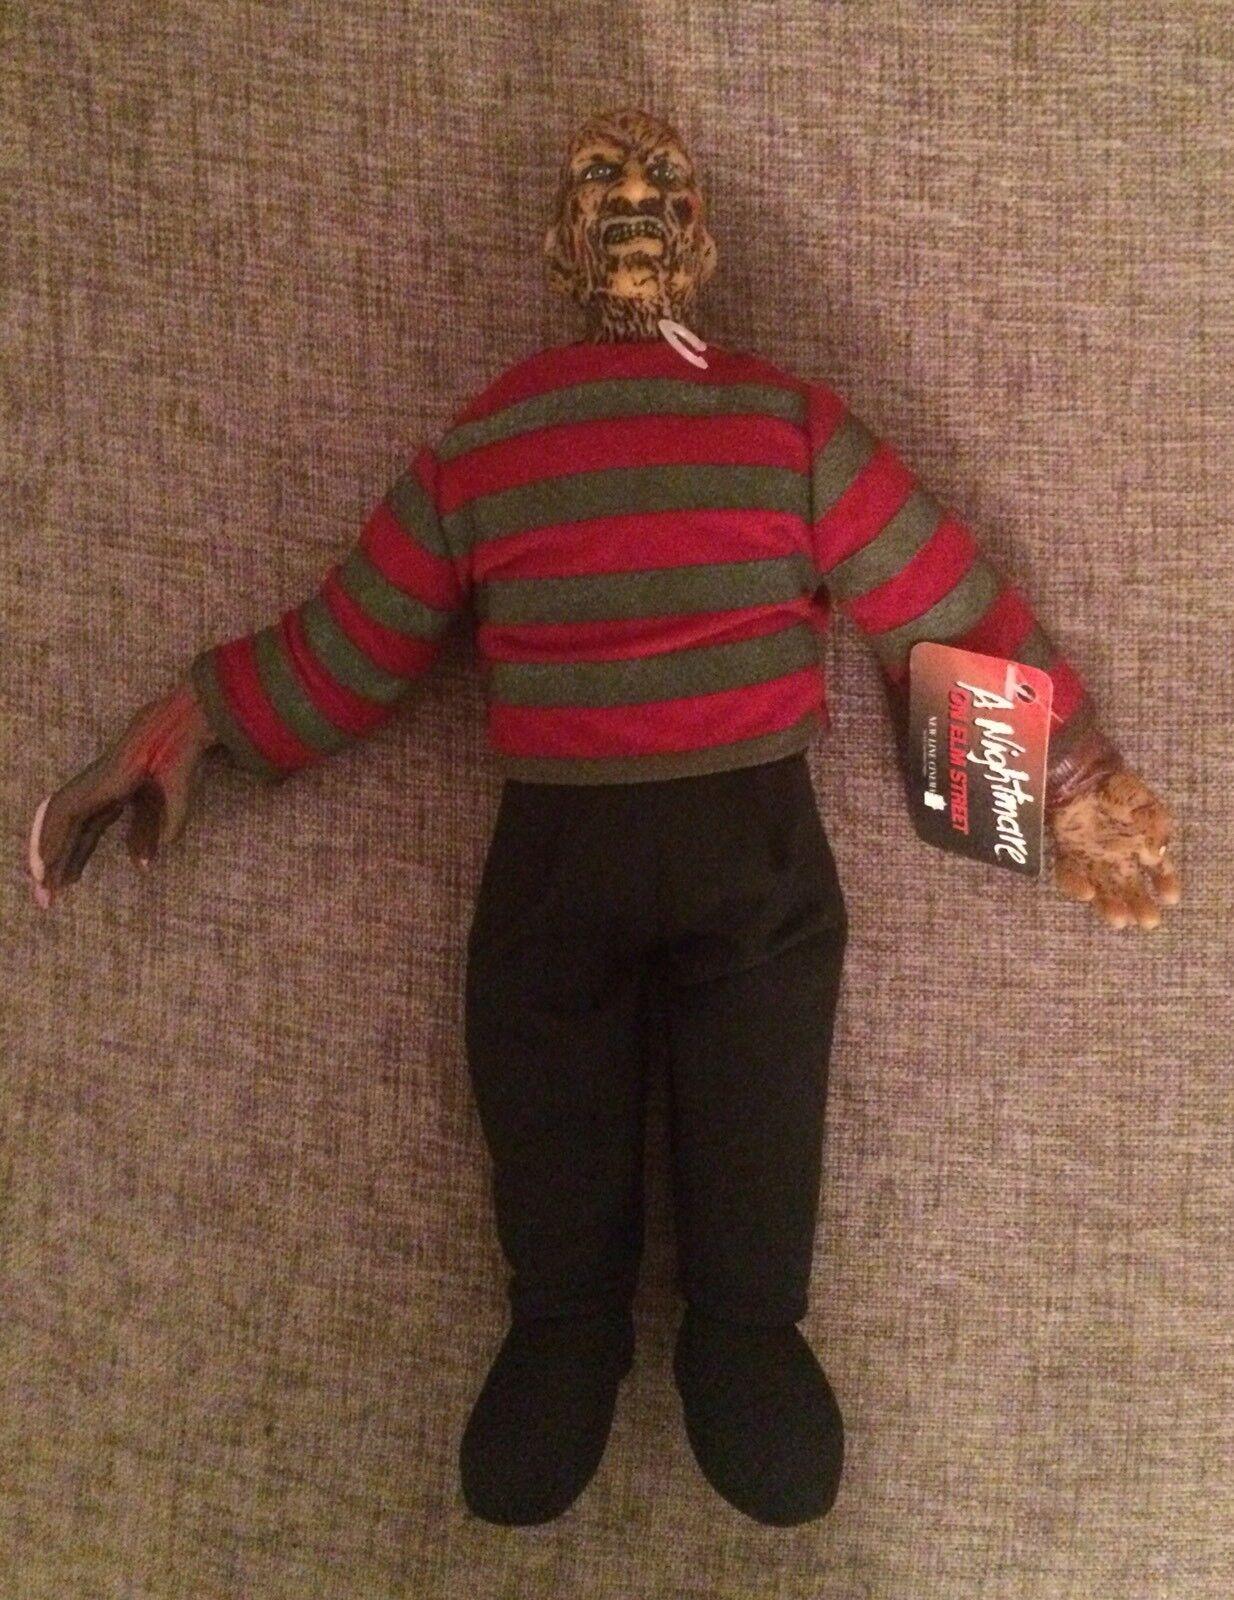 Rare Good Stuff Nightmare on Elm rue Frougedy Krueger  Figure Plush Doll  autorisation de vente de la marque